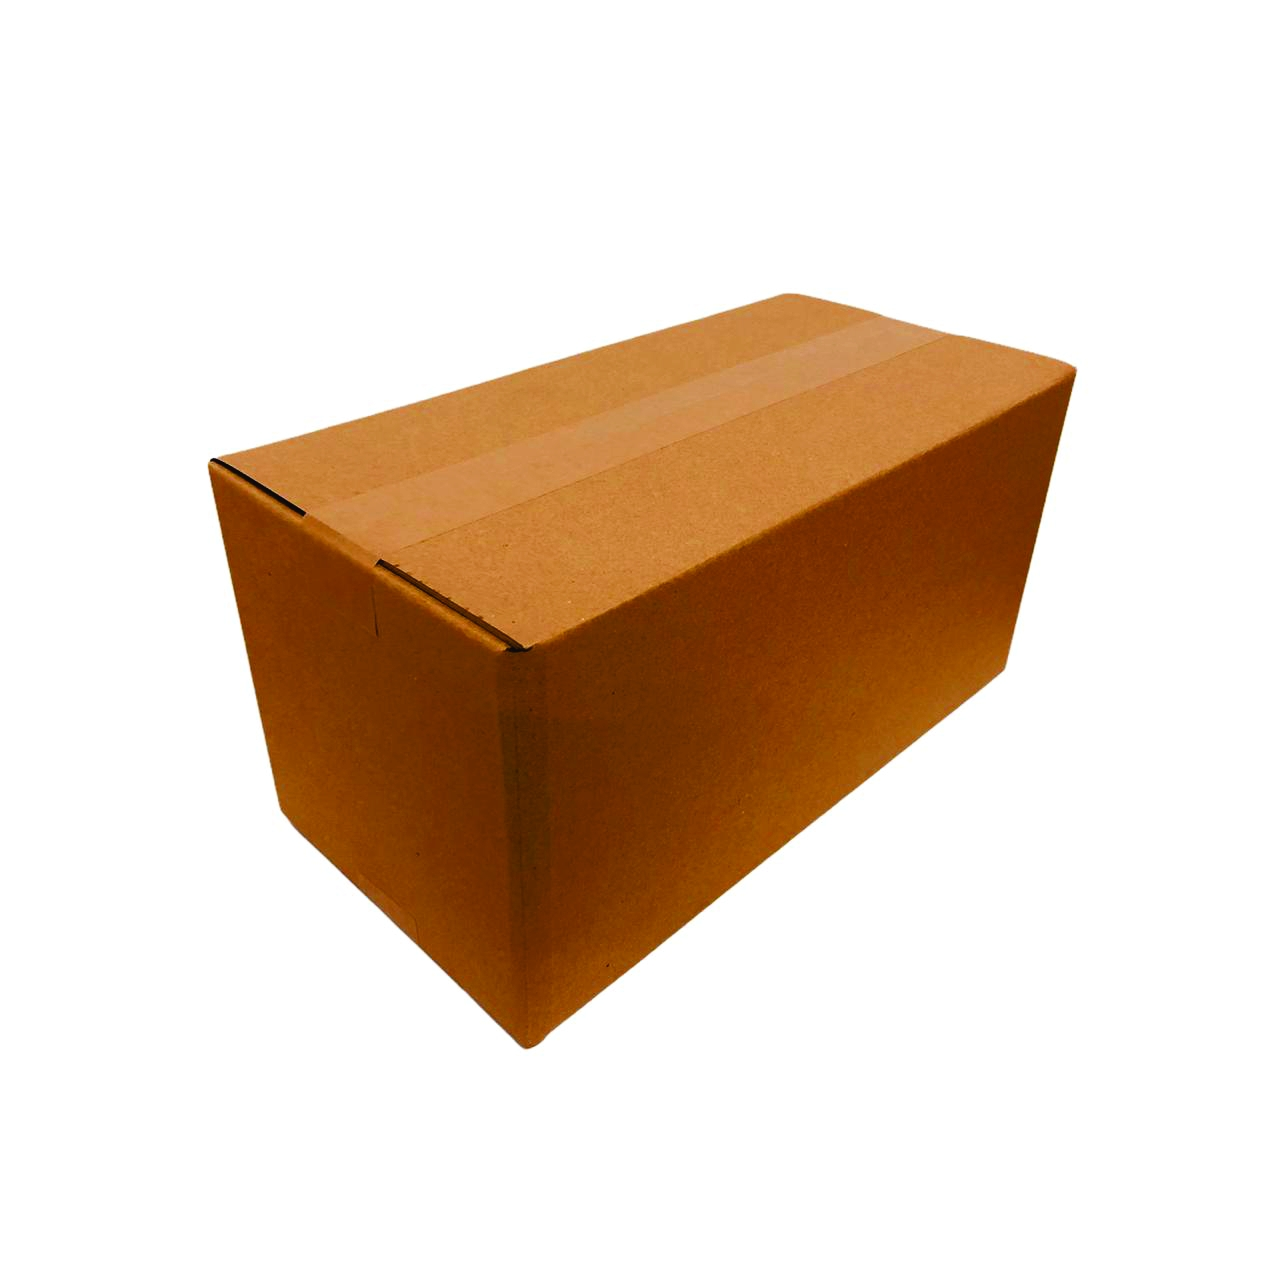 25 Caixas de Papelao (40X20X20)cm - Sedex / Pac / Correios